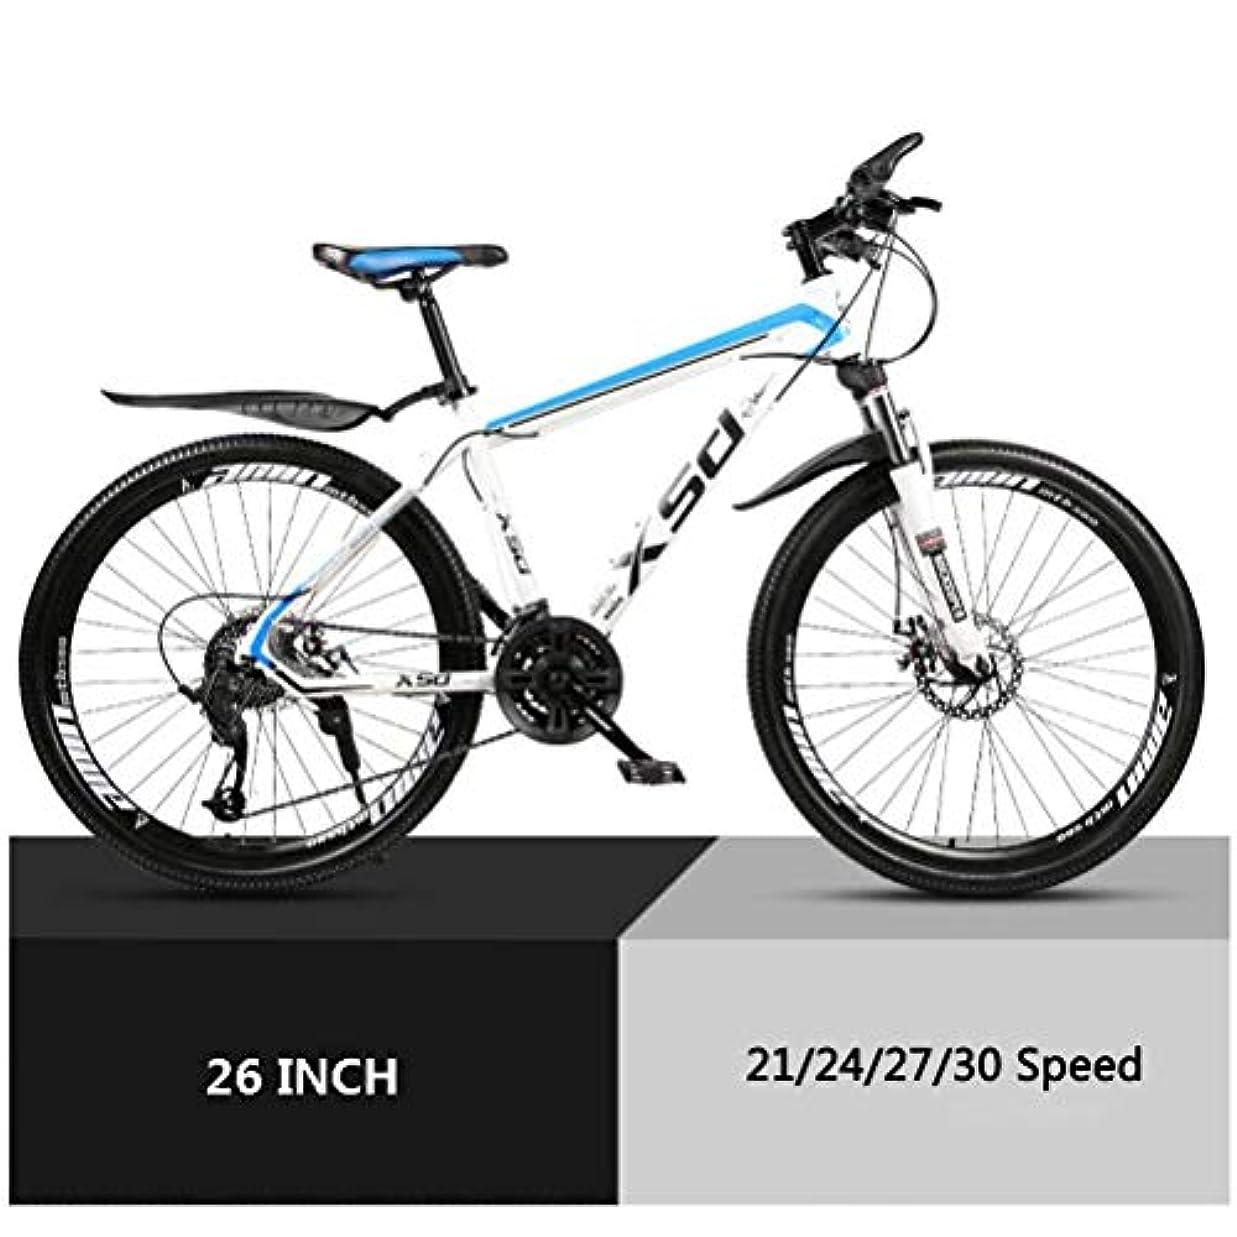 実業家凍結待って26インチ マウンテンバイク、高炭素鋼 ハードテール Mtb自転車 調節可能なシート付き 滑り止めハンドルバー ダブルメカニカルディスクブレーキ ダブルディスクブレーキ マウンテン自転車